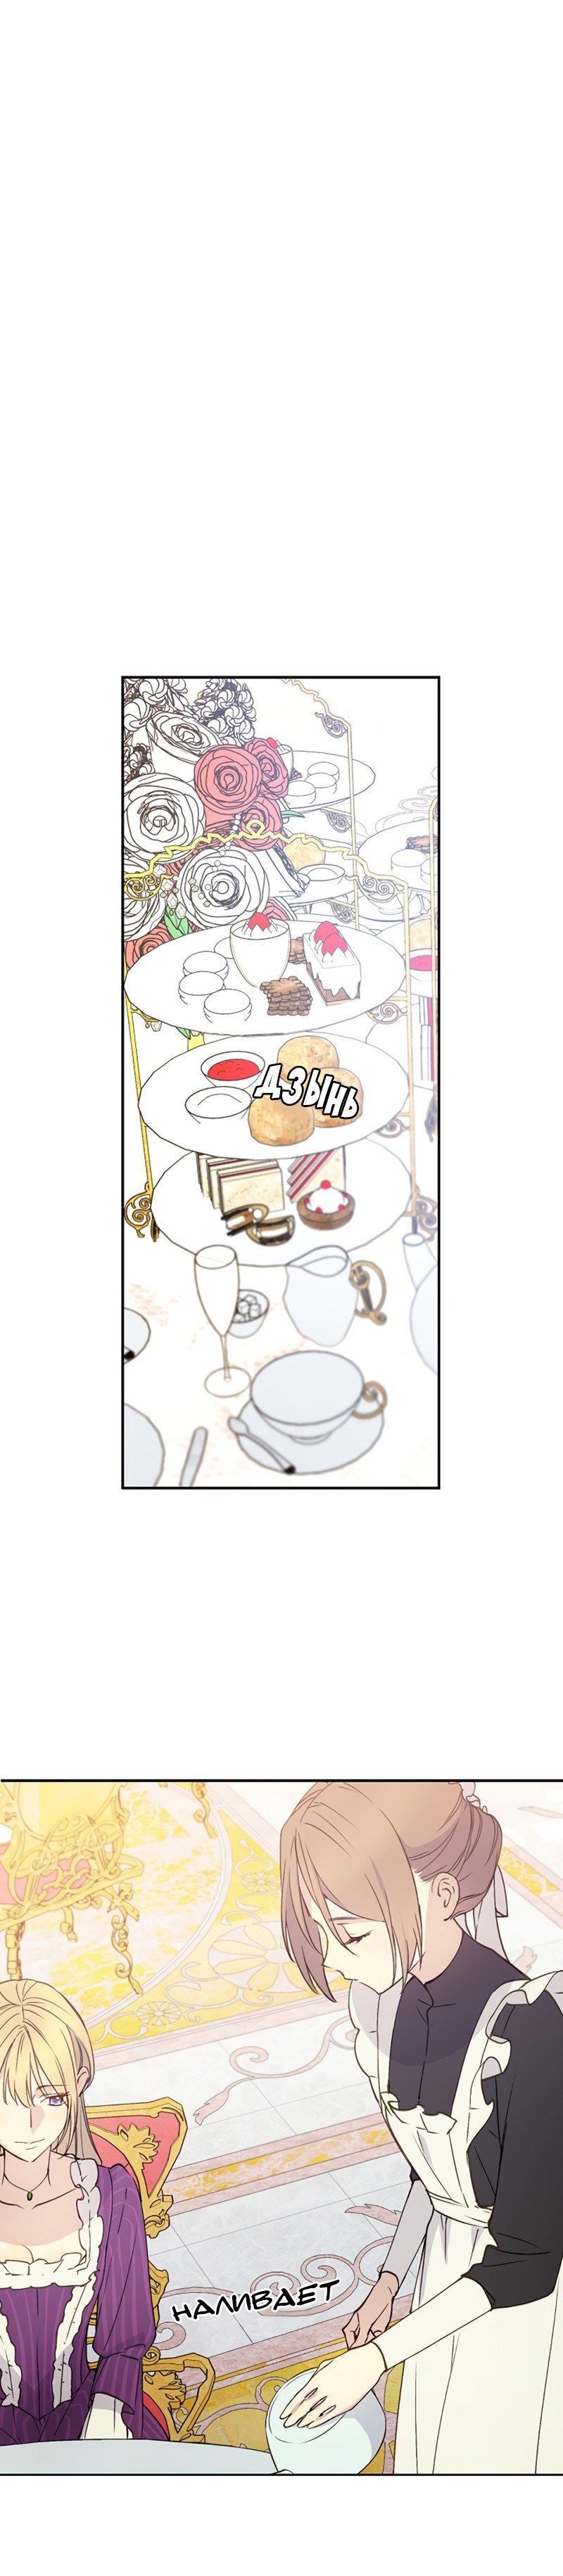 Манга Способная горничная / Capable maid  - Том 1 Глава 2 Страница 25